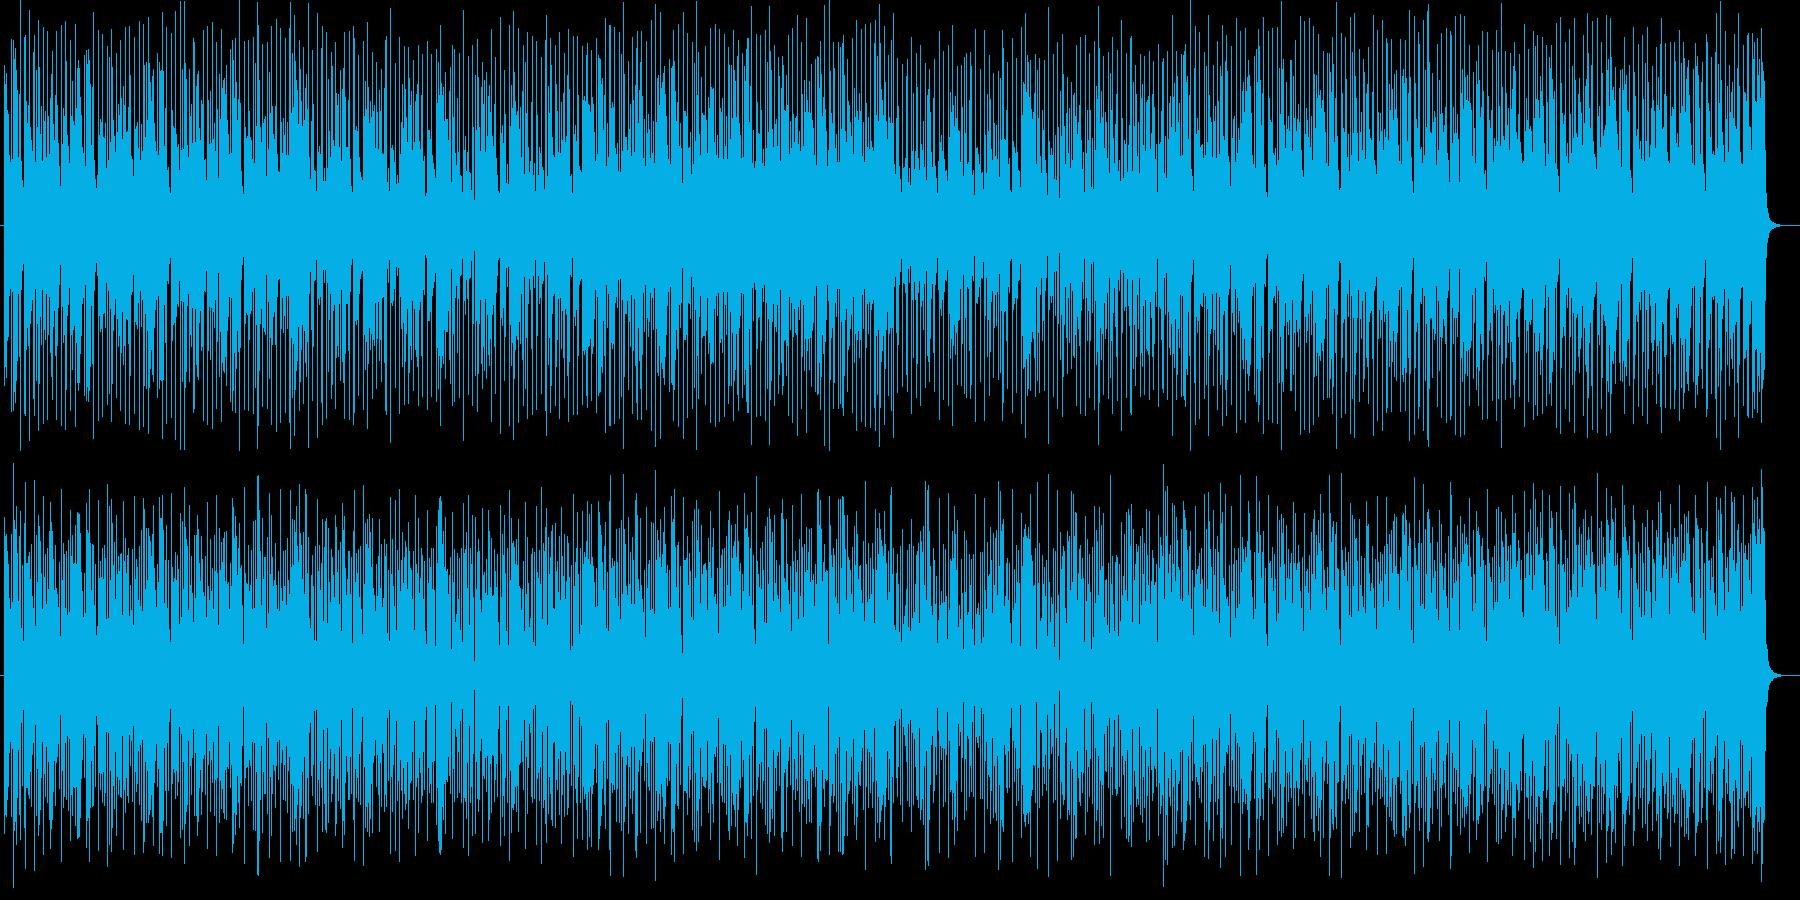 明るくトロピカルなシンセサイザーサウンドの再生済みの波形